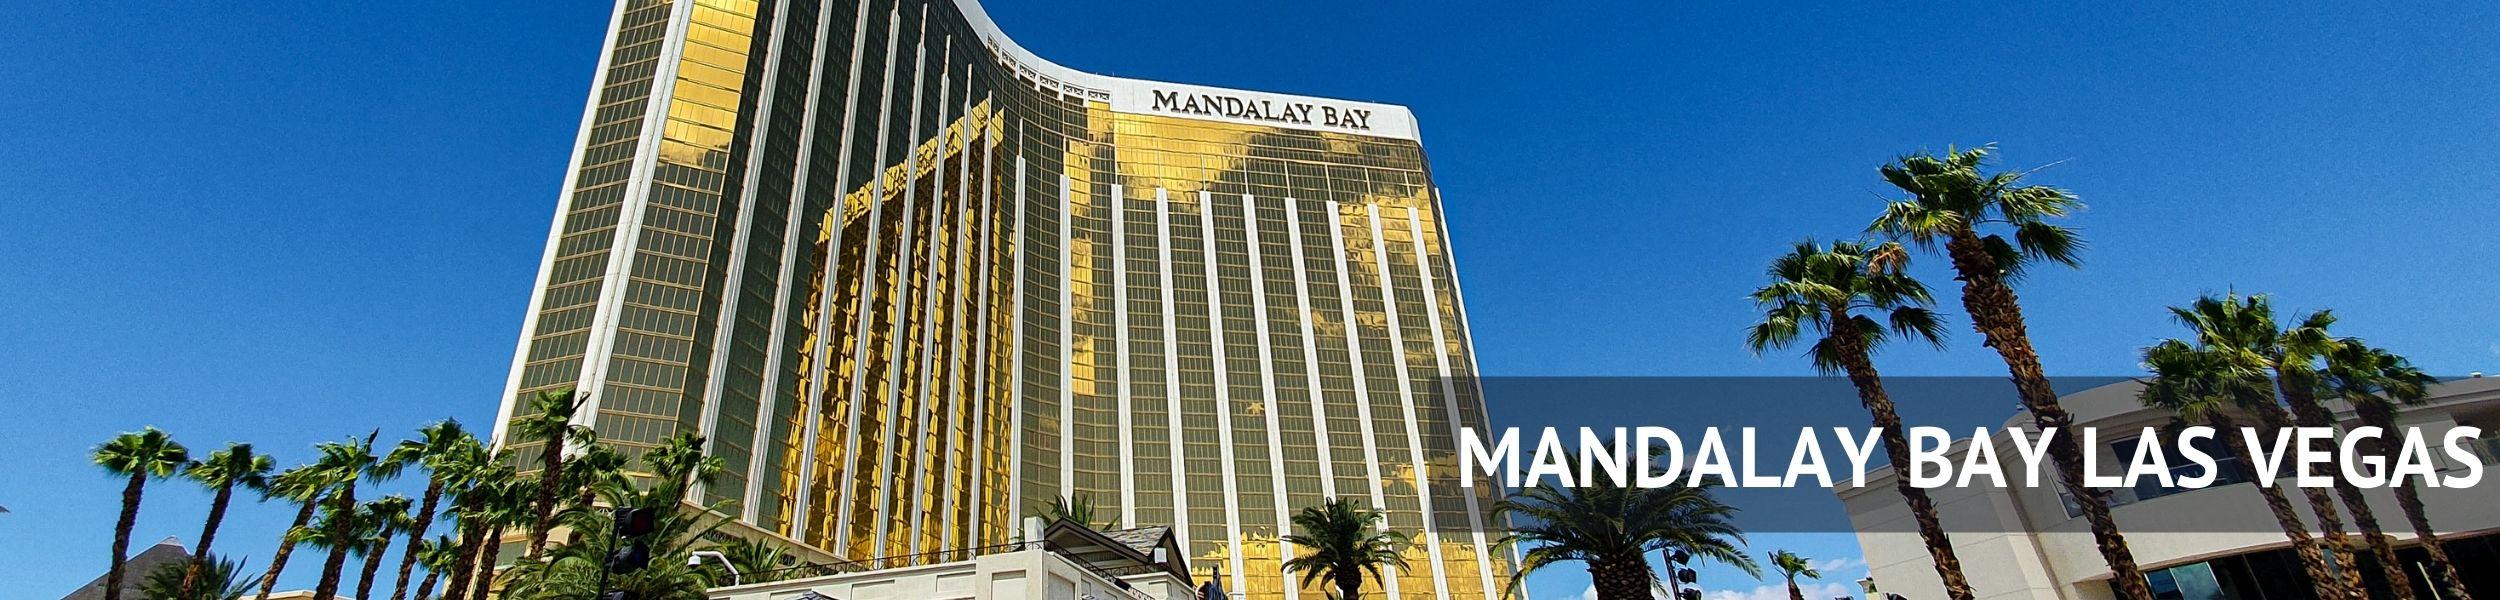 Mandalay Bay Las Vegas header